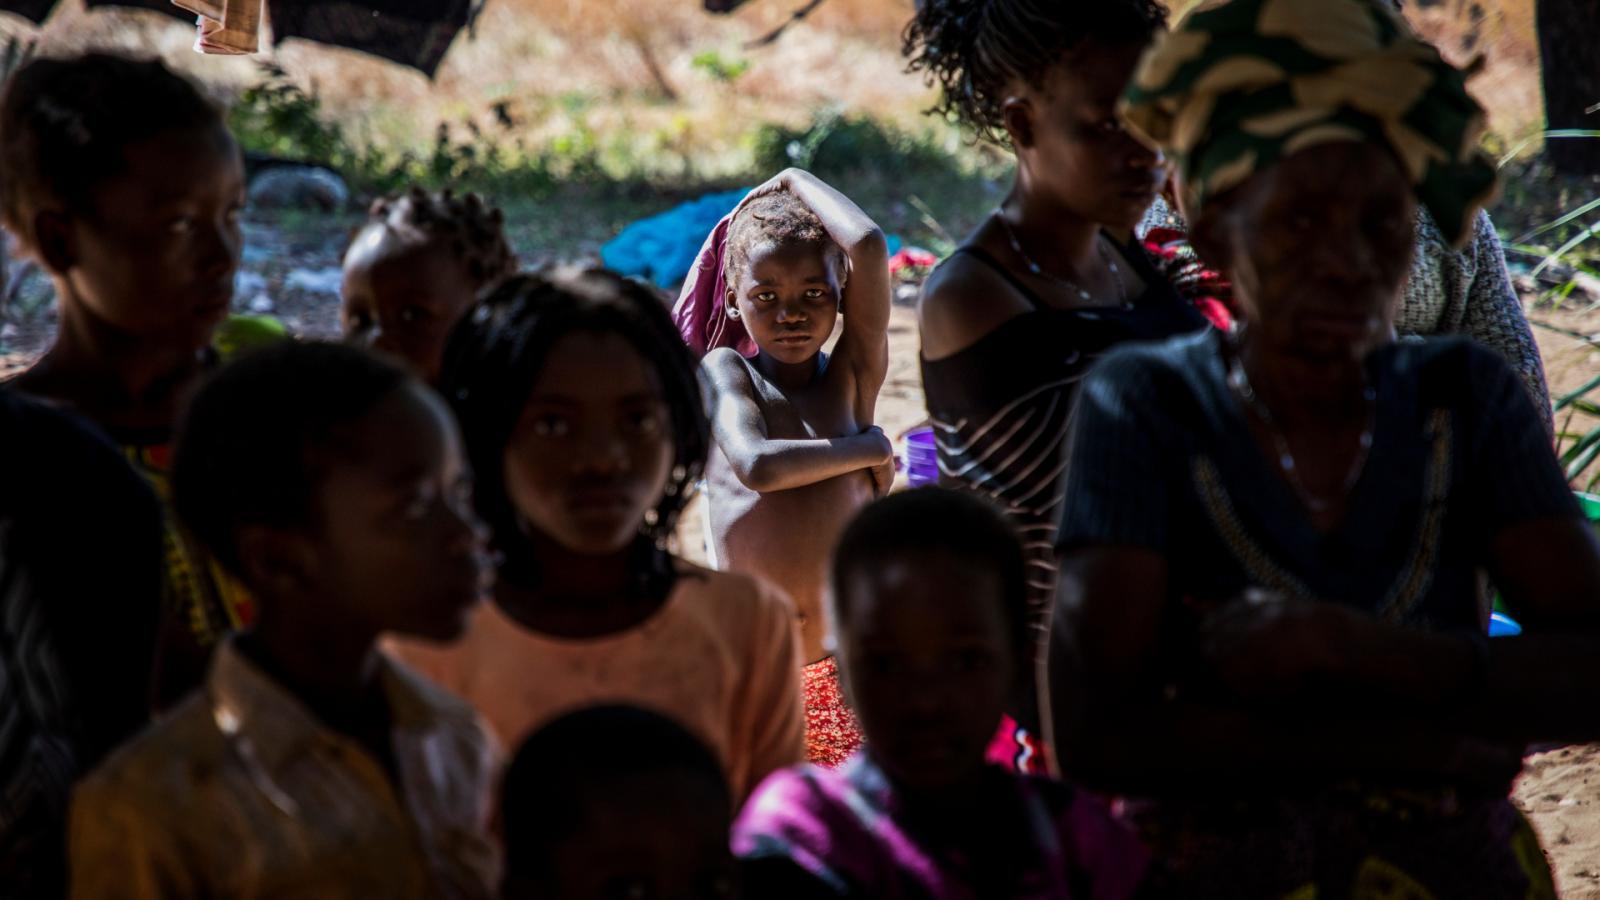 Reportajes 5 Continentes - La violencia pone a Mozambique en riesgo de hambruna - Escuchar ahora